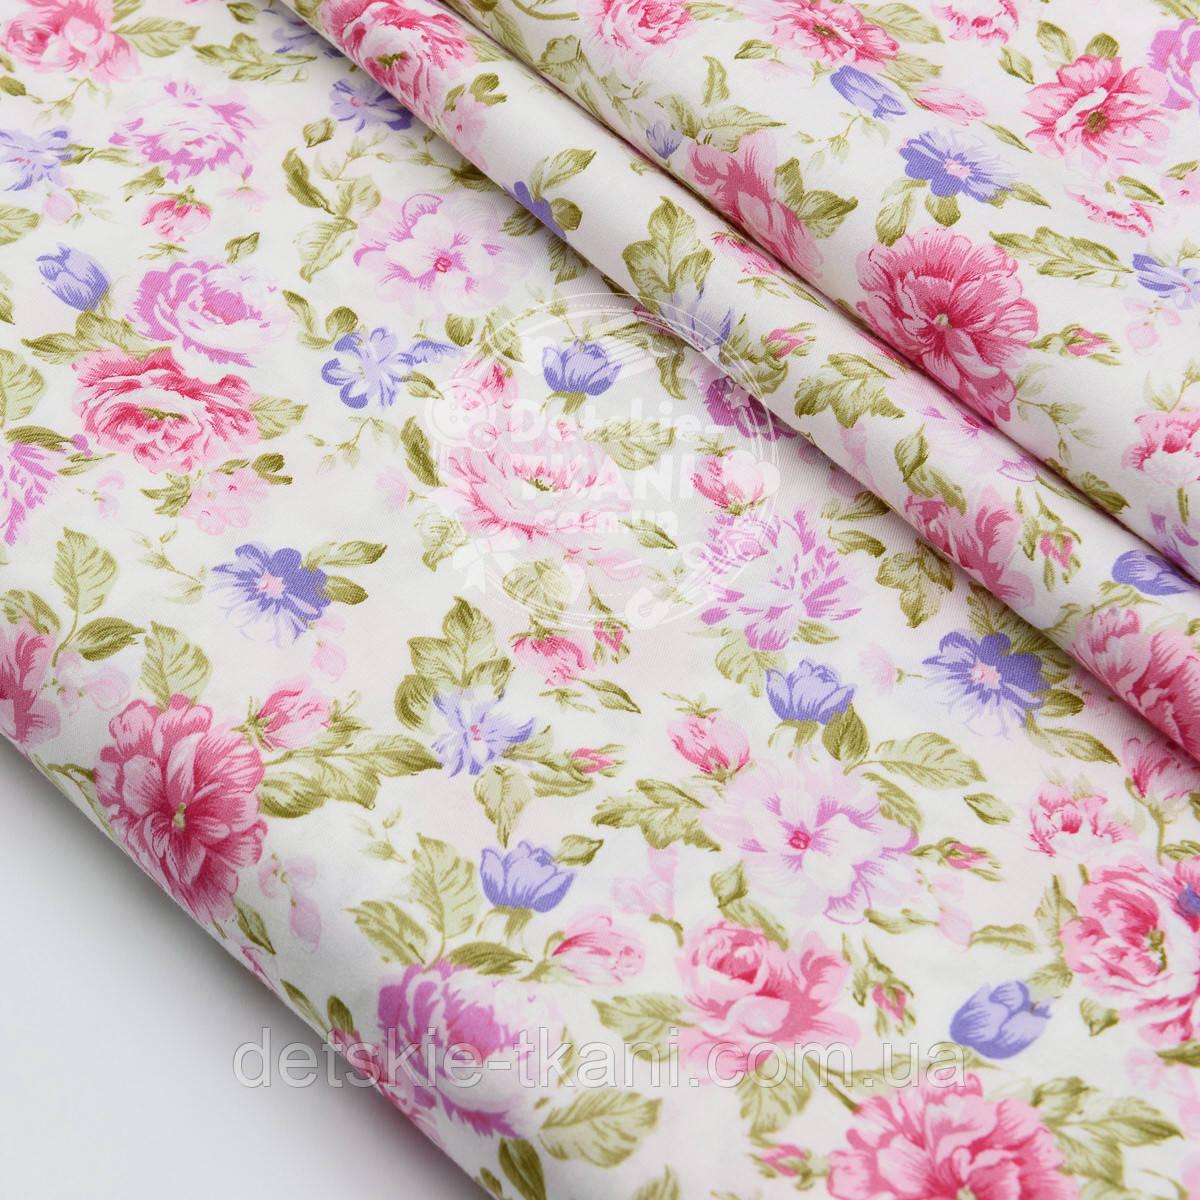 """Клапоть сатину """"З густими рожевими трояндами і бузковими квіточками"""" №1506с, розмір 19*160 см"""